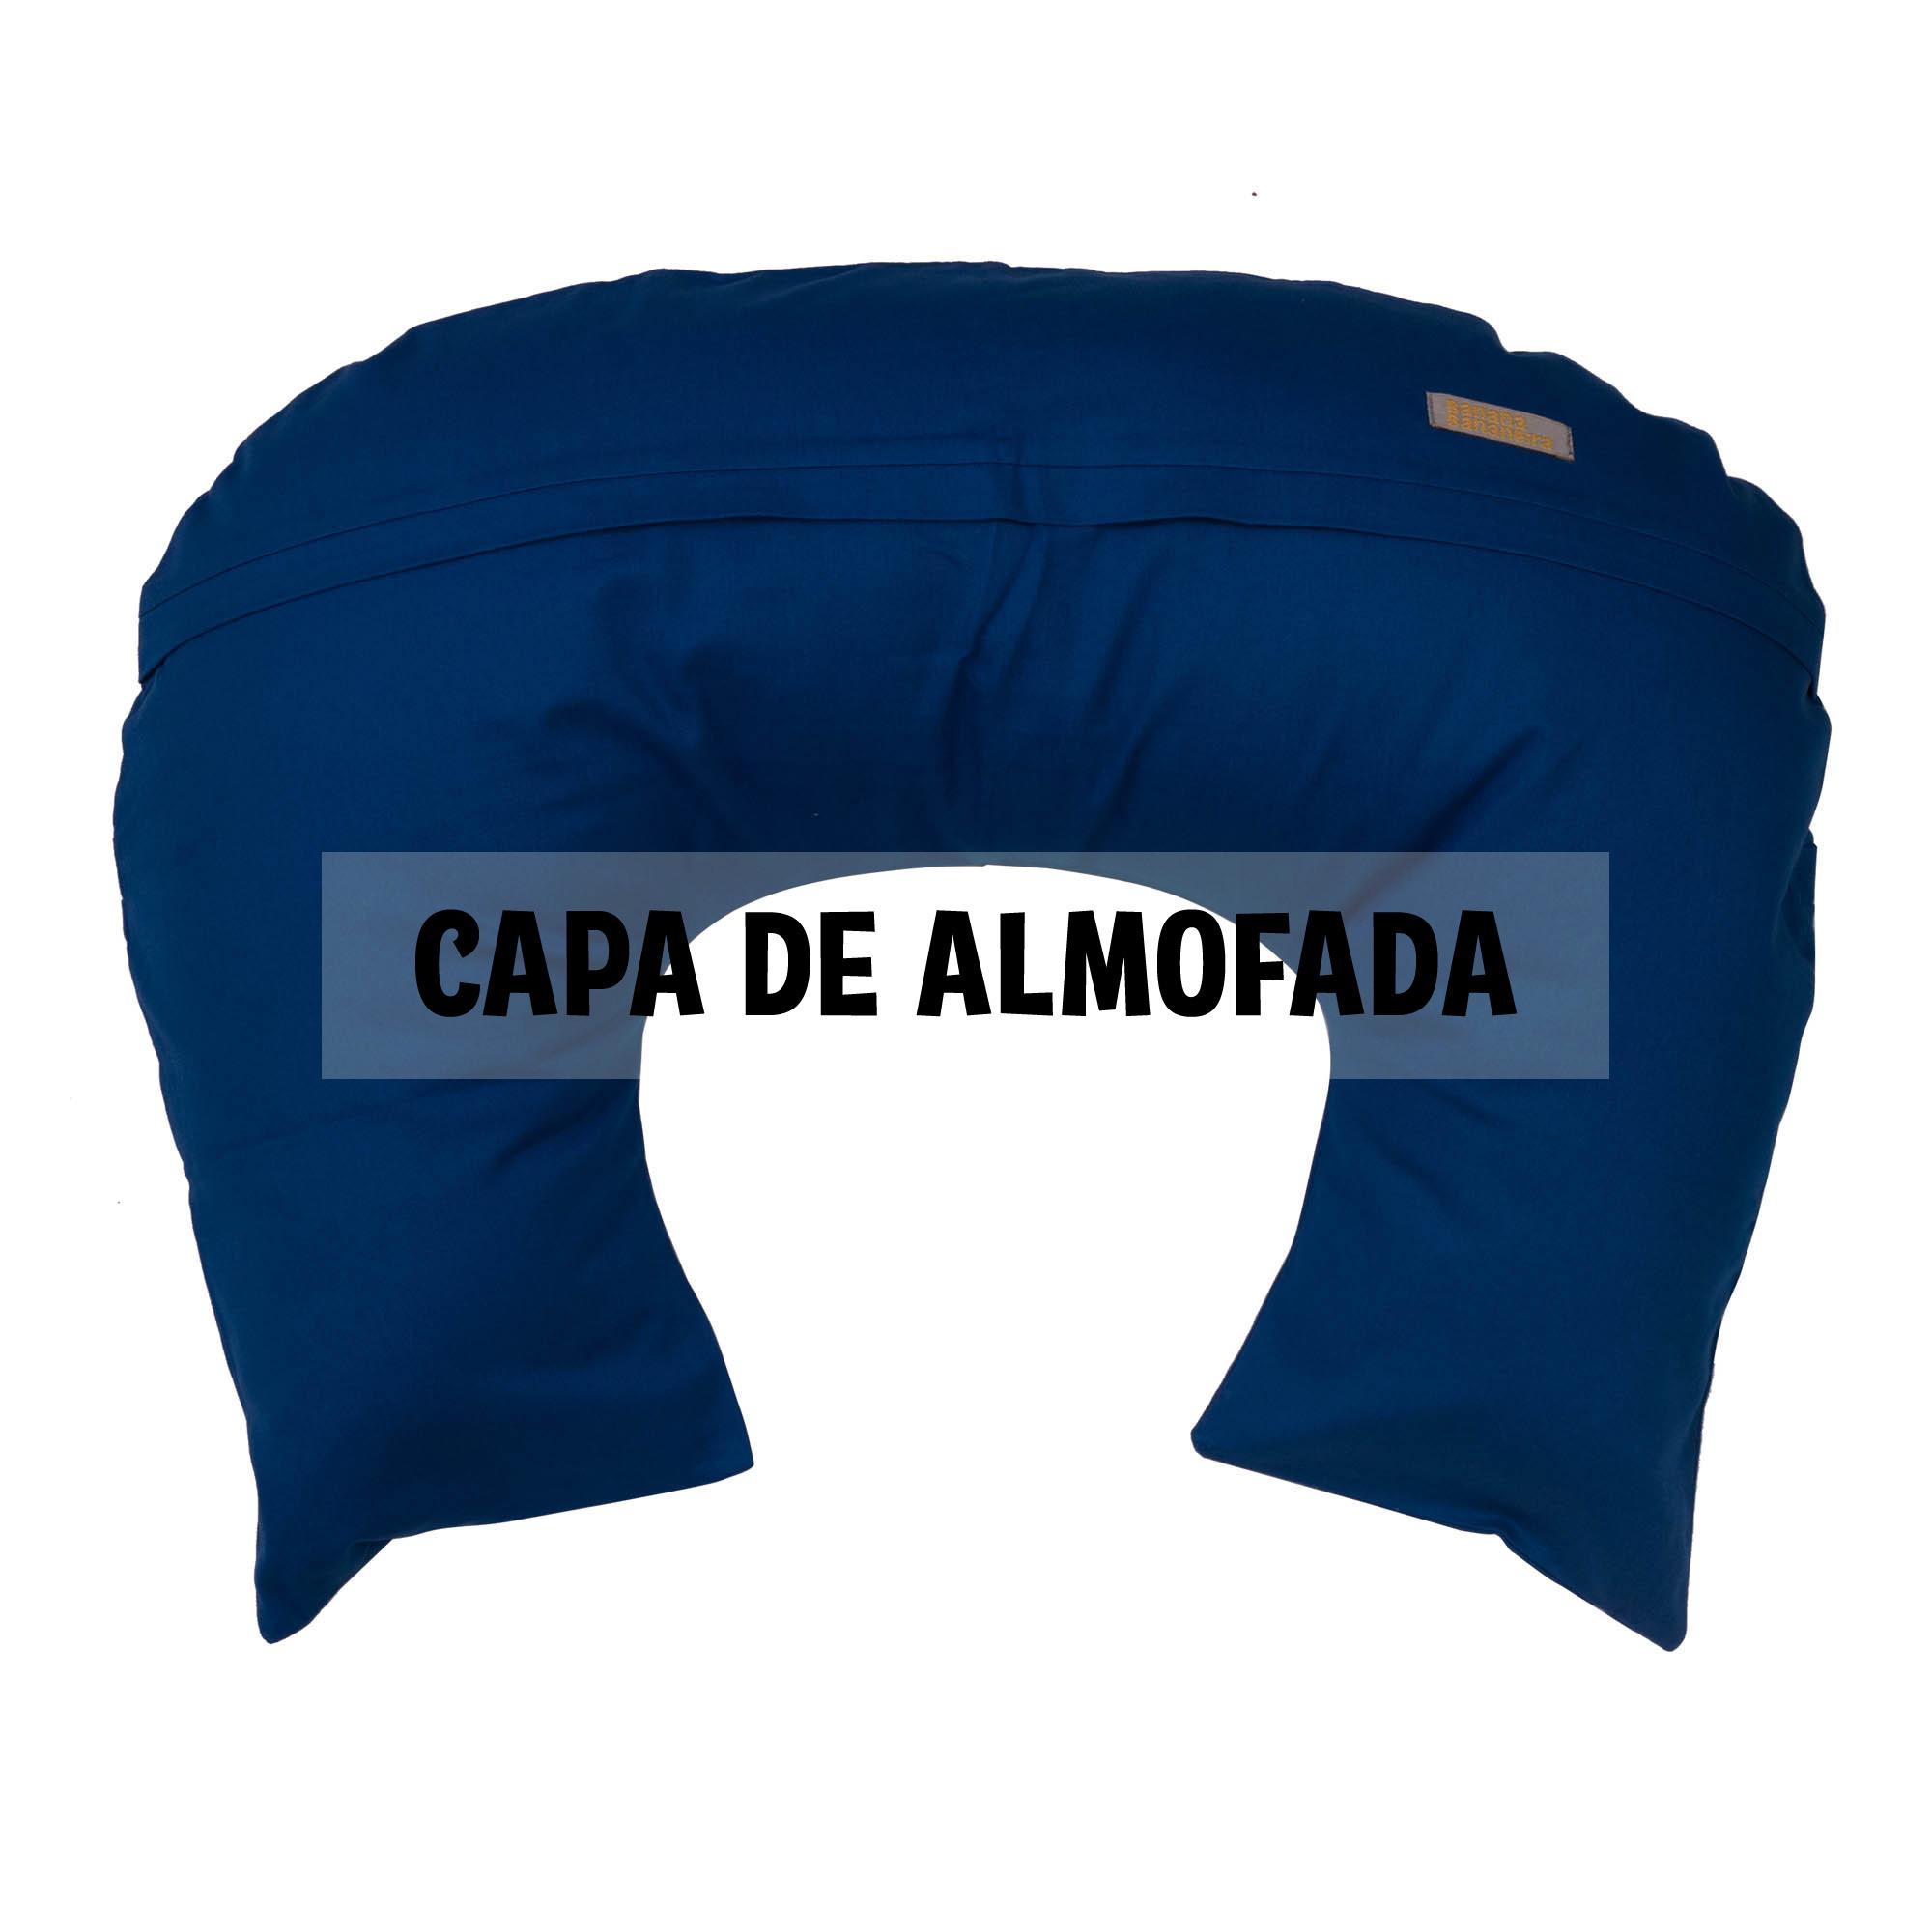 Capa de almofada de amamentação azul clássico